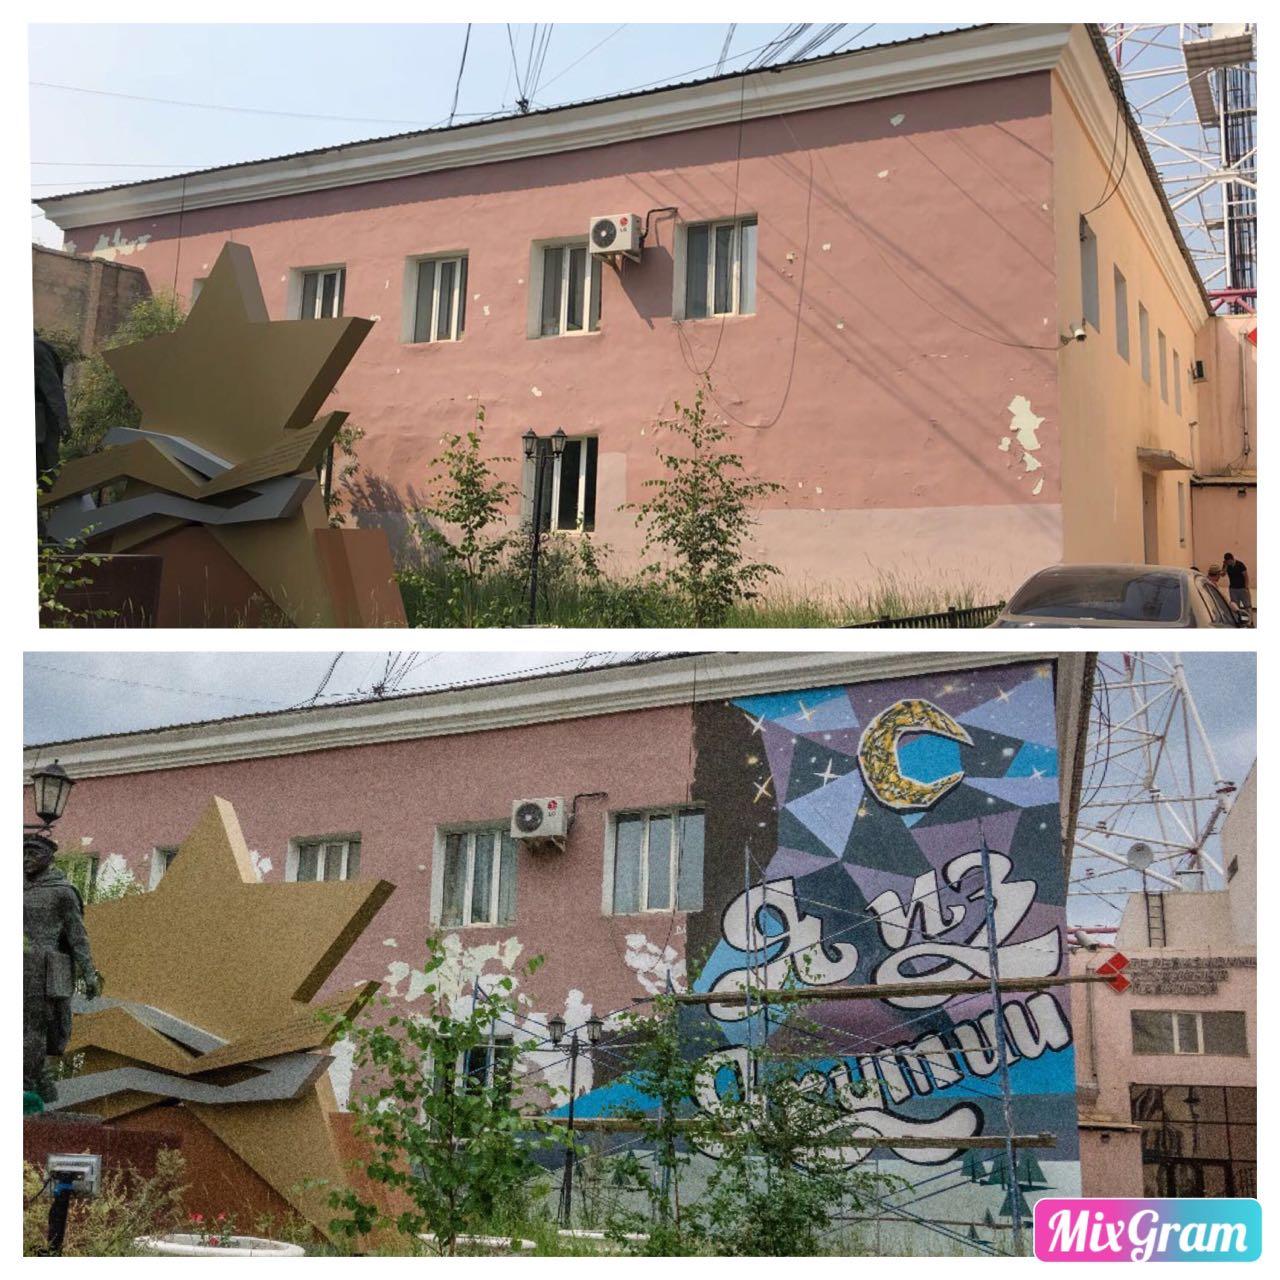 Блогеры нарисовали Стрит Арт «Я из Якутии»